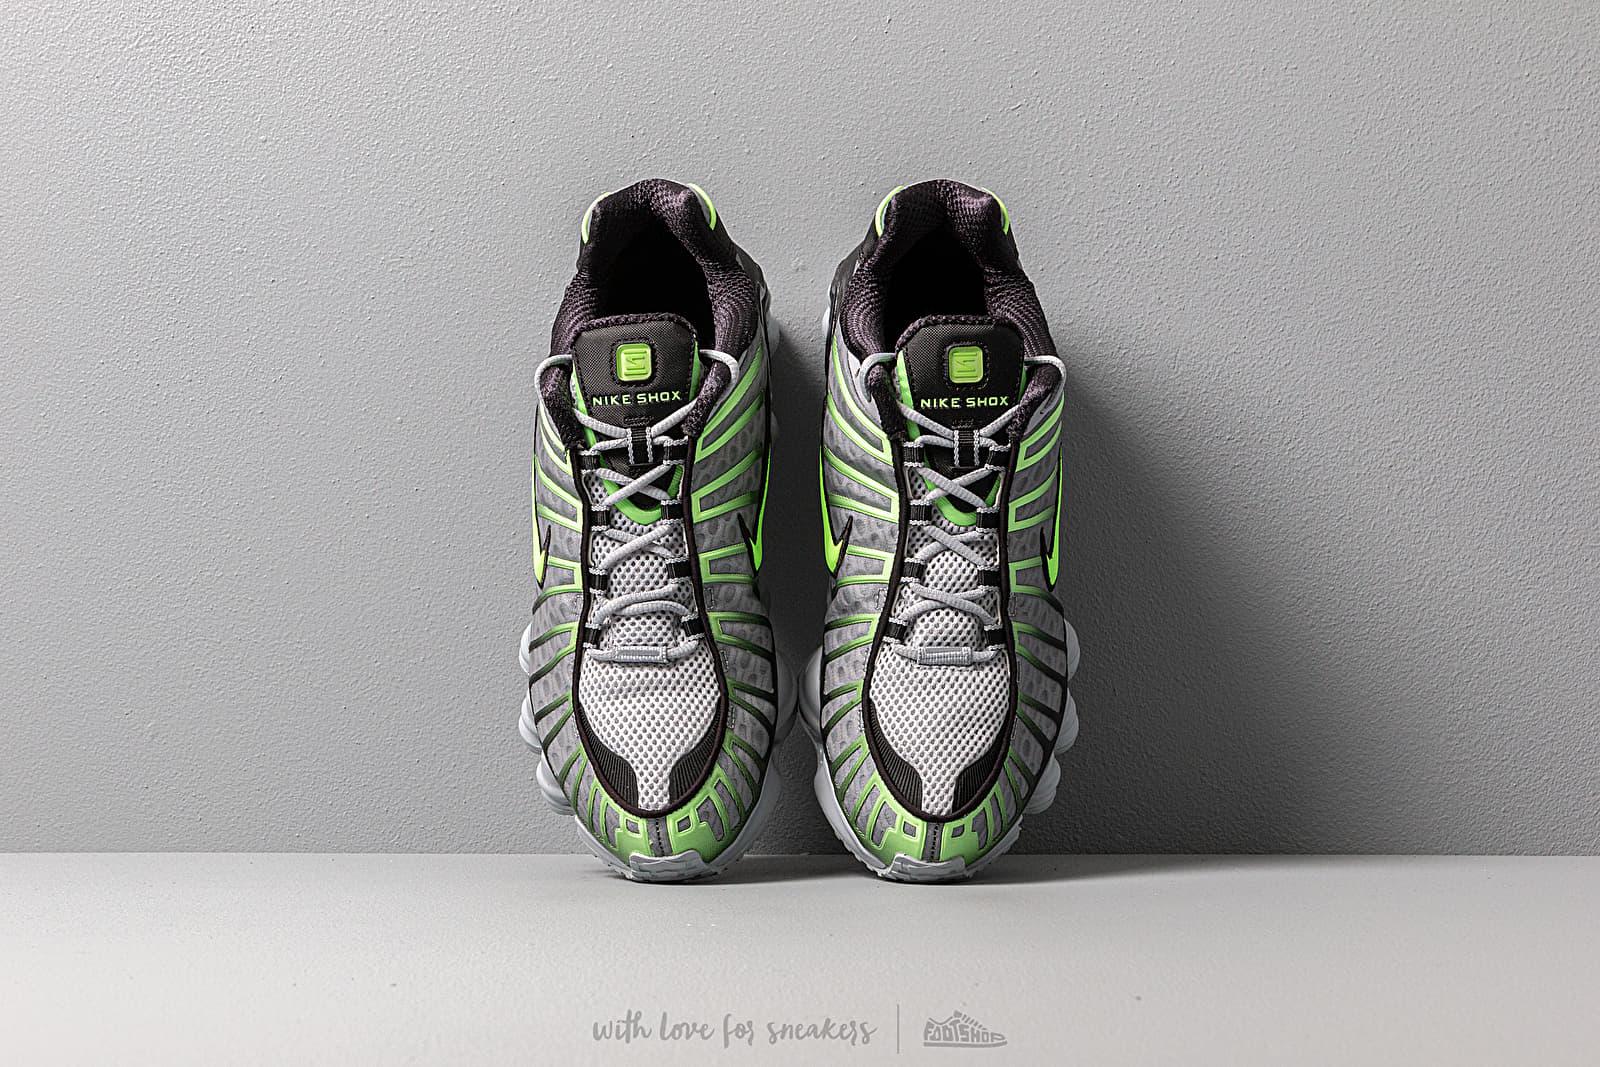 comerciante Olla de crack válvula  Men's shoes Nike Shox TL Wolf Grey/ Lime Blast-Black | Footshop